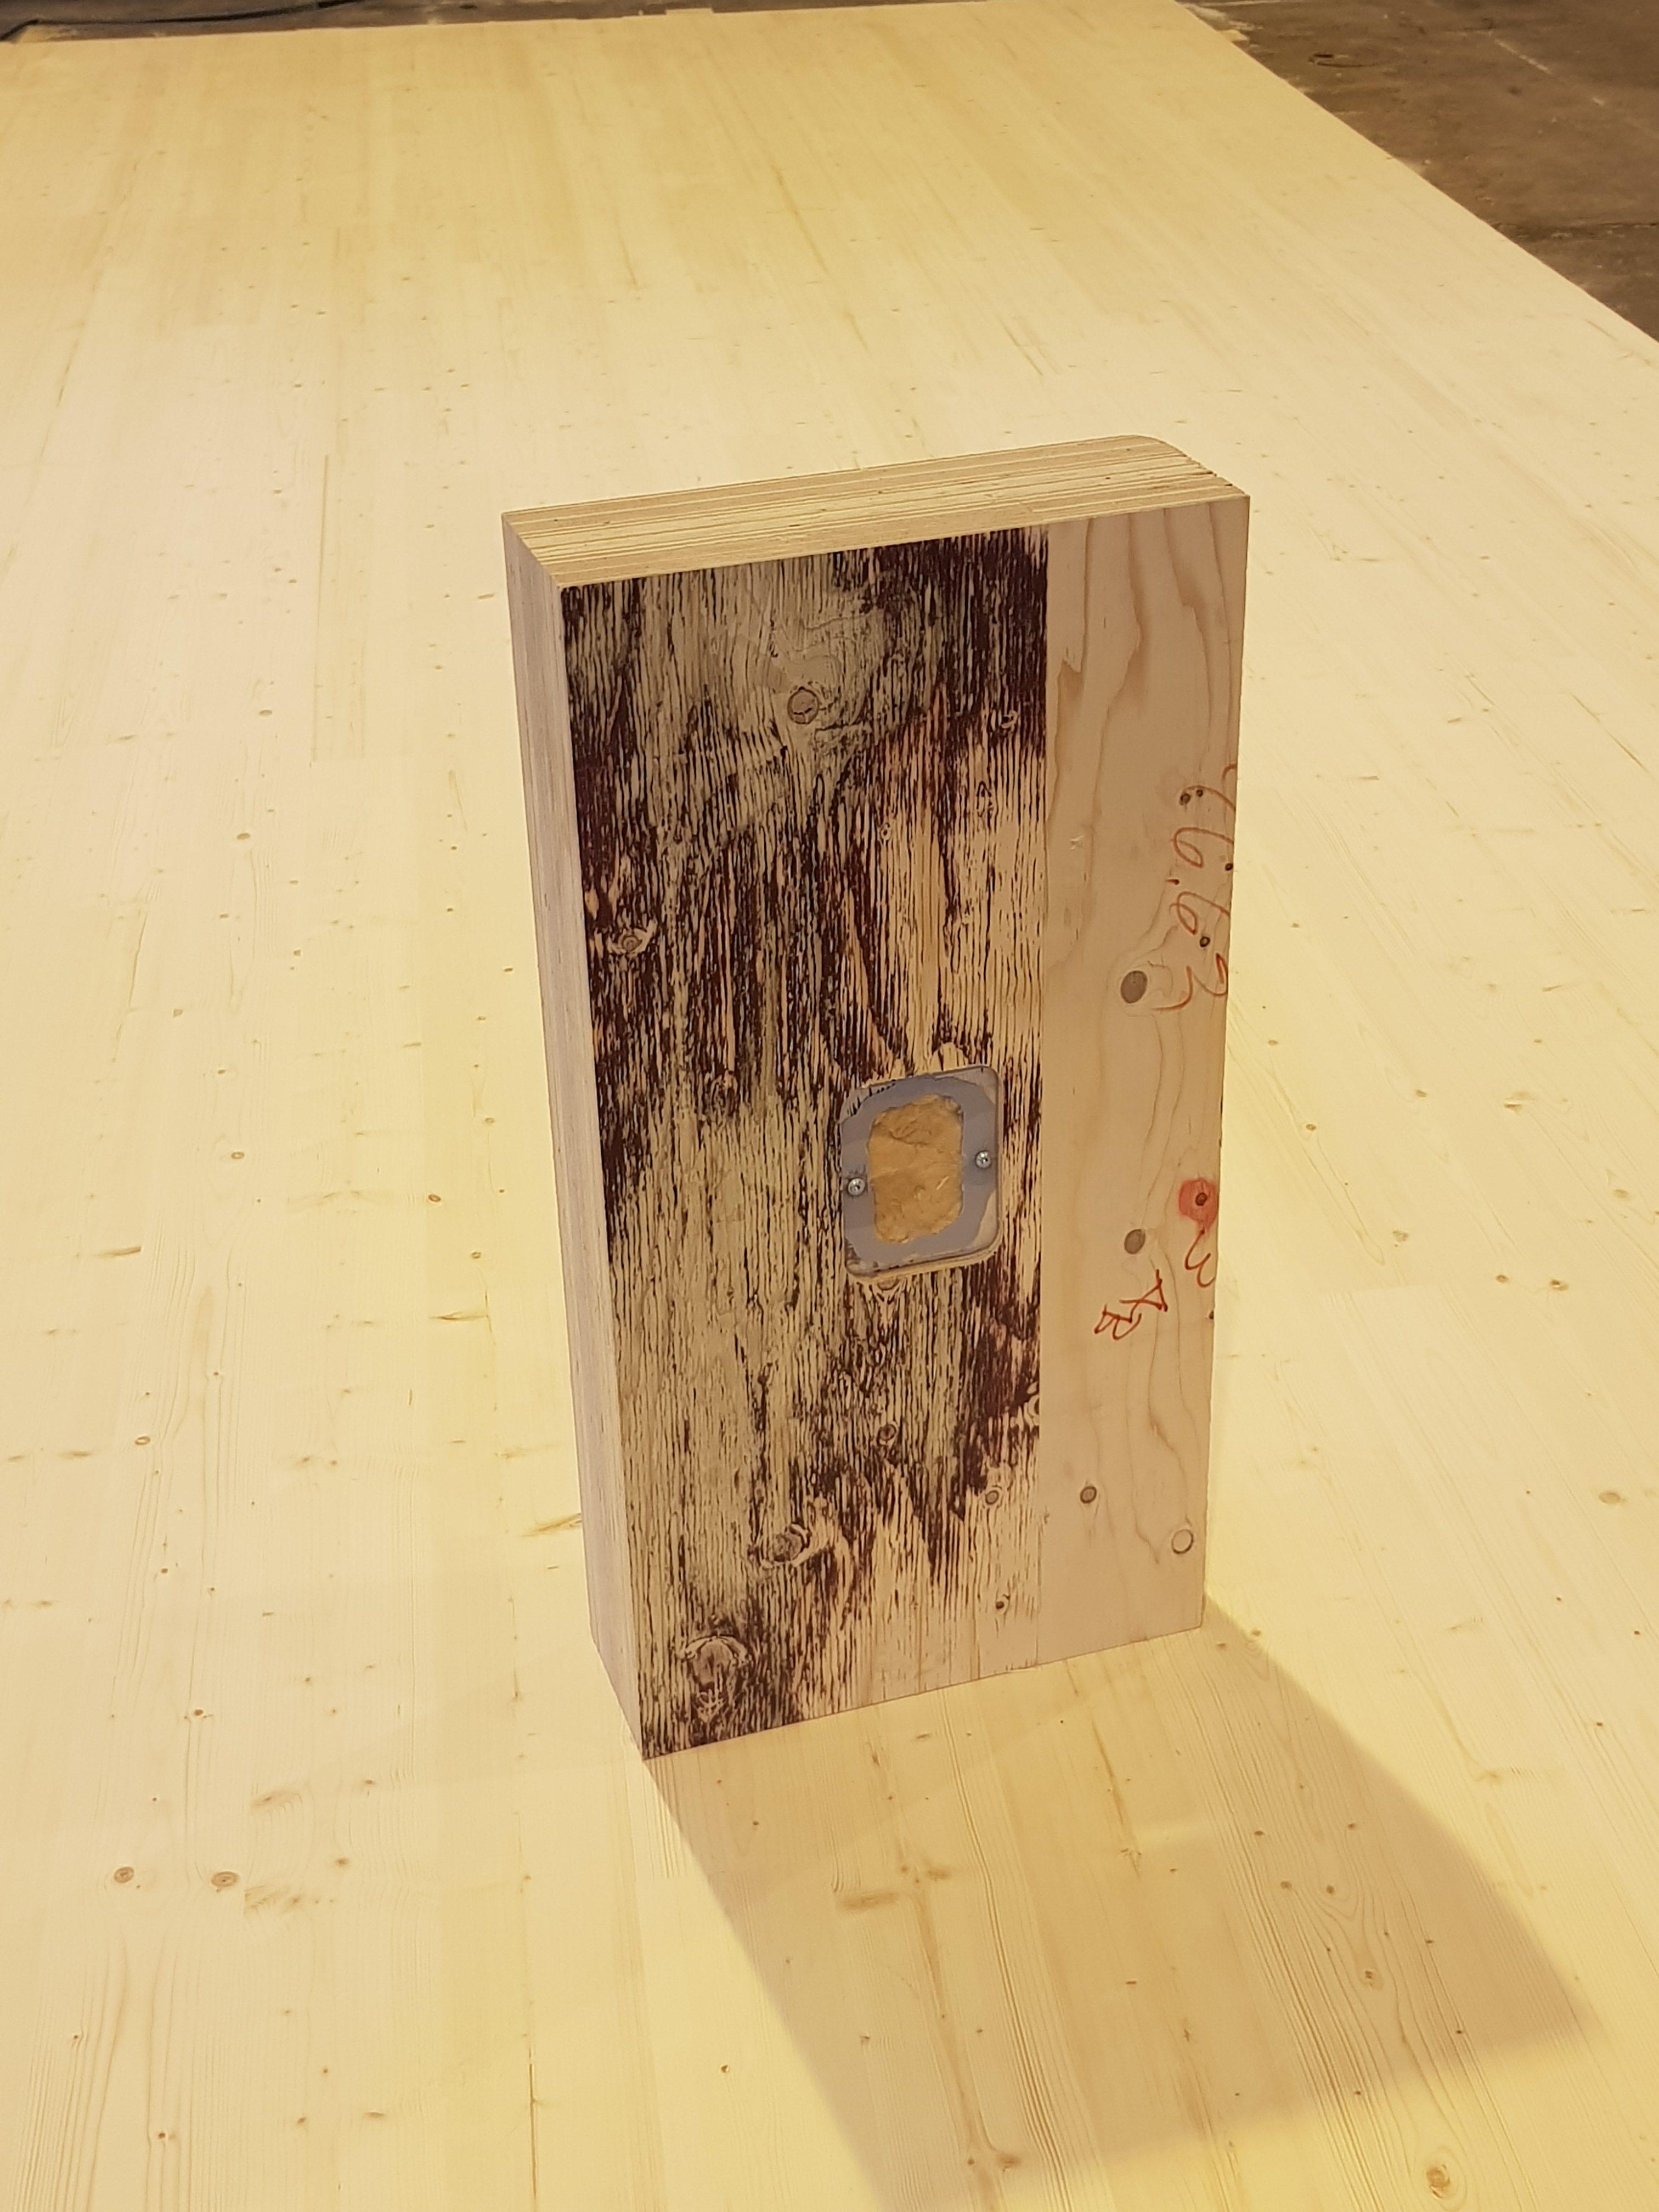 Timberpointin kosteusanturi puuelementin pinnassa. Kuva: Timberpoint